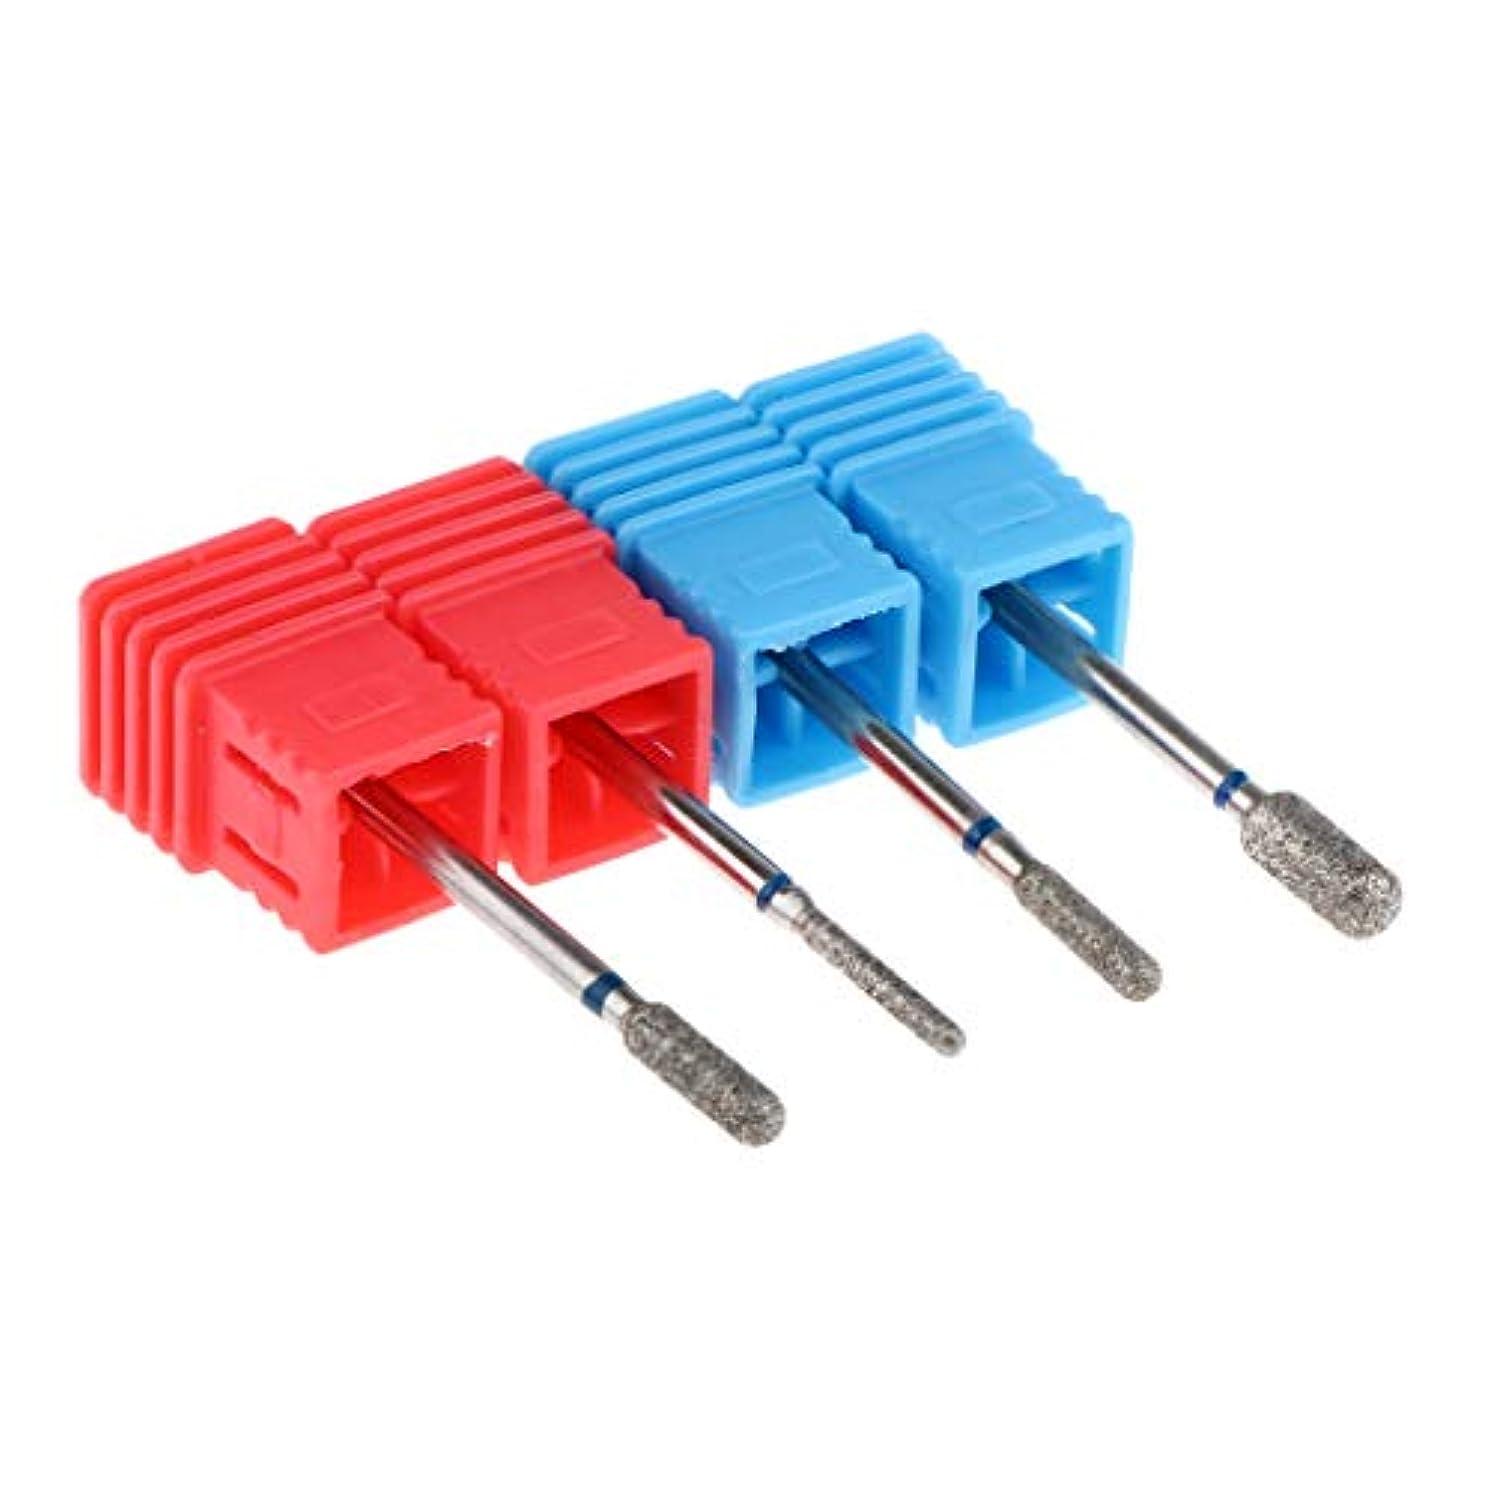 表現まだオークランドgazechimp 全4本 プロ ネイルサロン 電気ネイルドリルビット ネイルツール